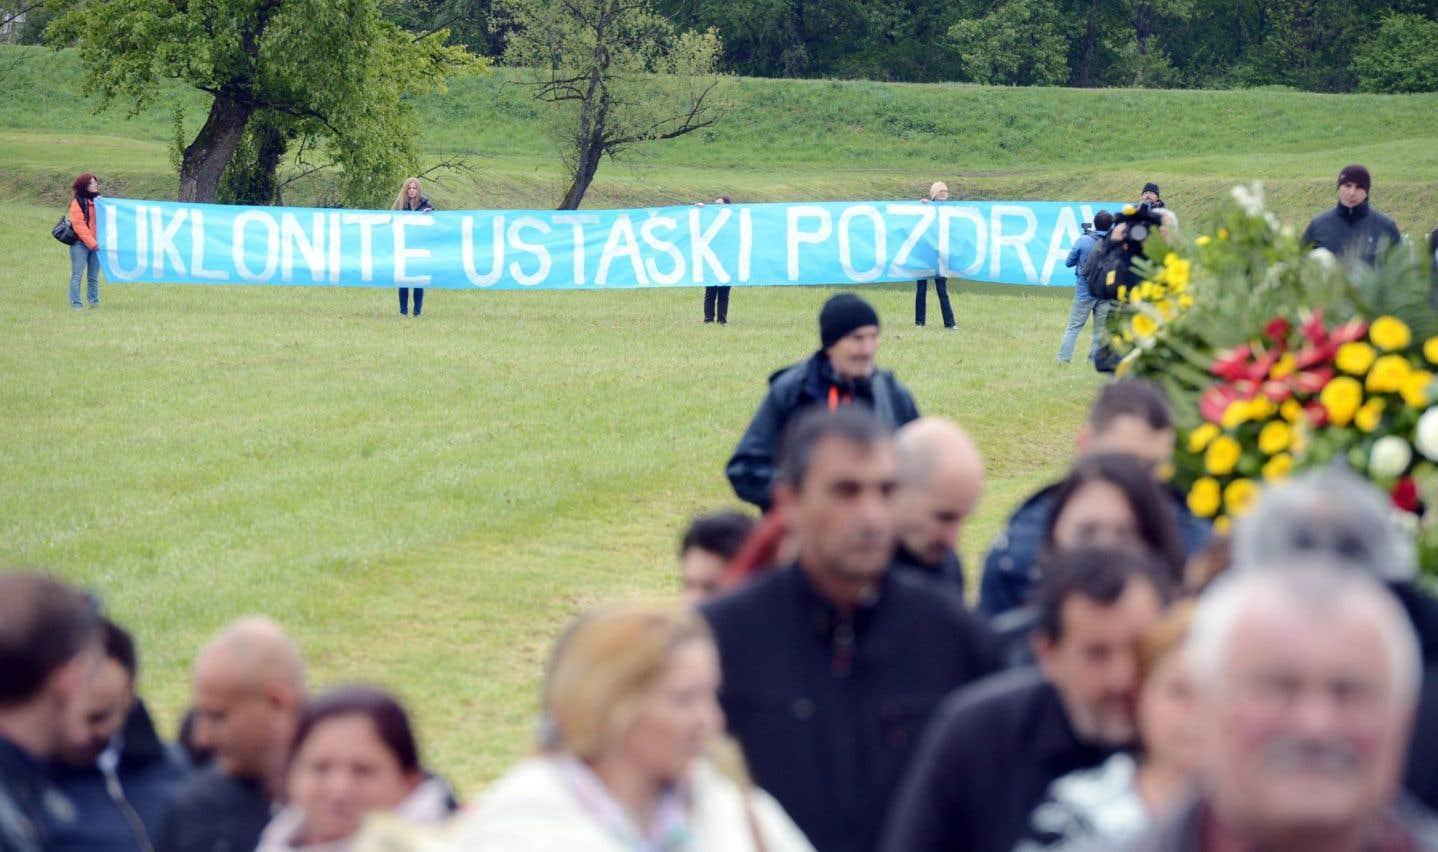 Dimanche, un groupe de militants antifascistes a déployé durant la cérémonie une banderole réclamant le retrait d'une plaque commémorative frappée du slogan du régime oustachi, «Za Dom Spremni», «Prêts pour la patrie».